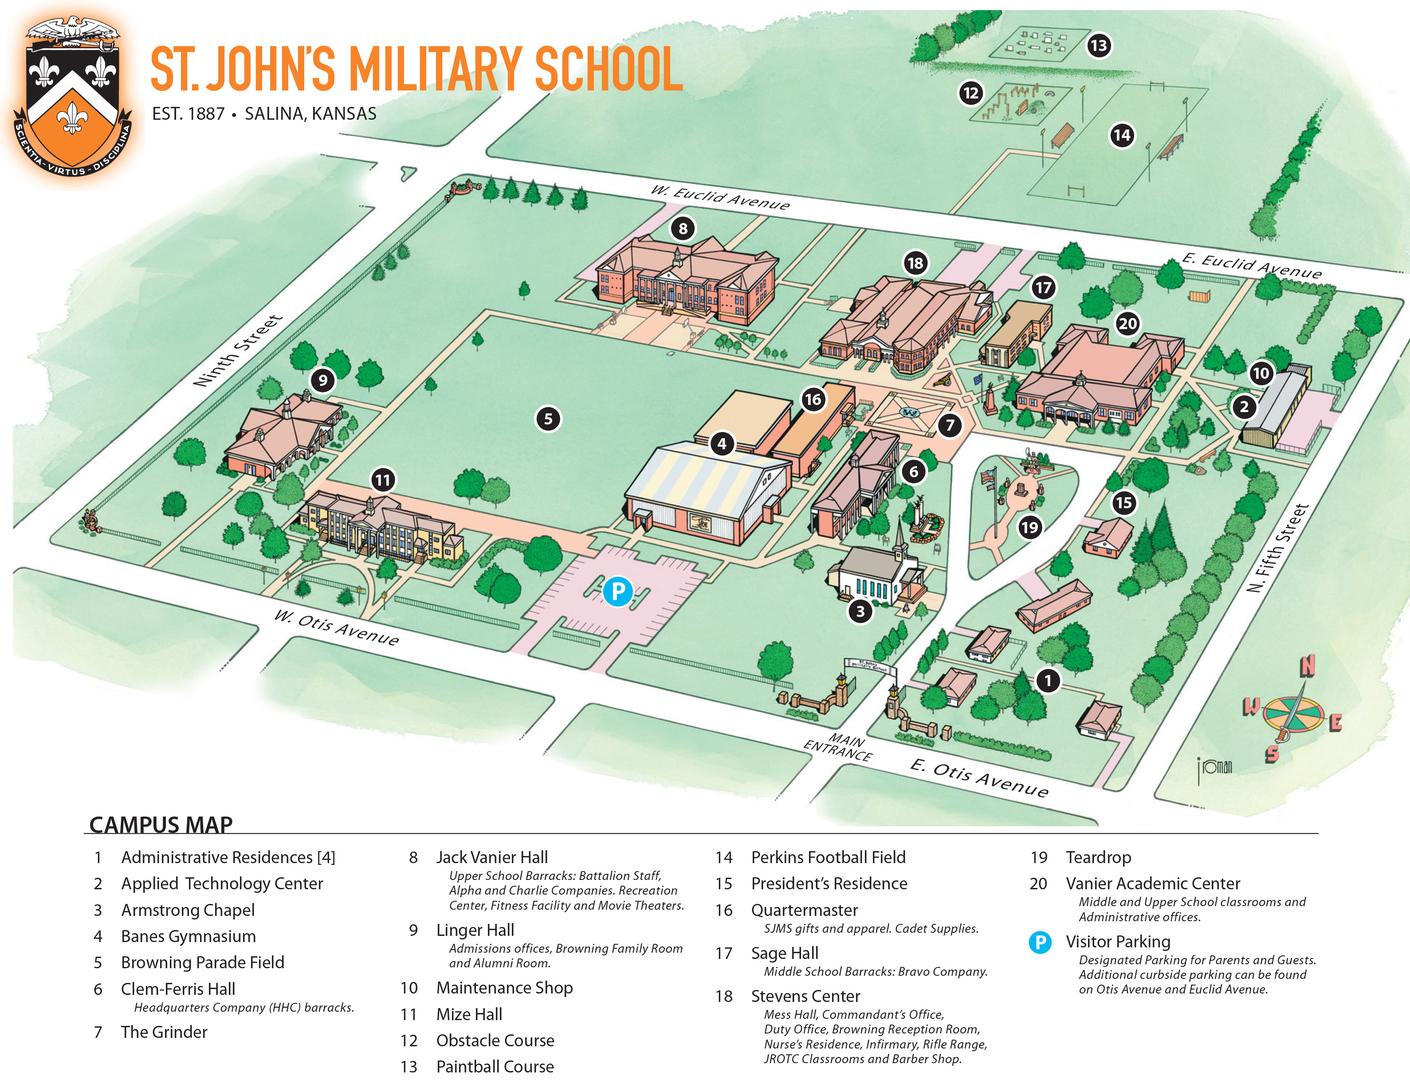 Loyola Law School Campus Map.Campus Maps